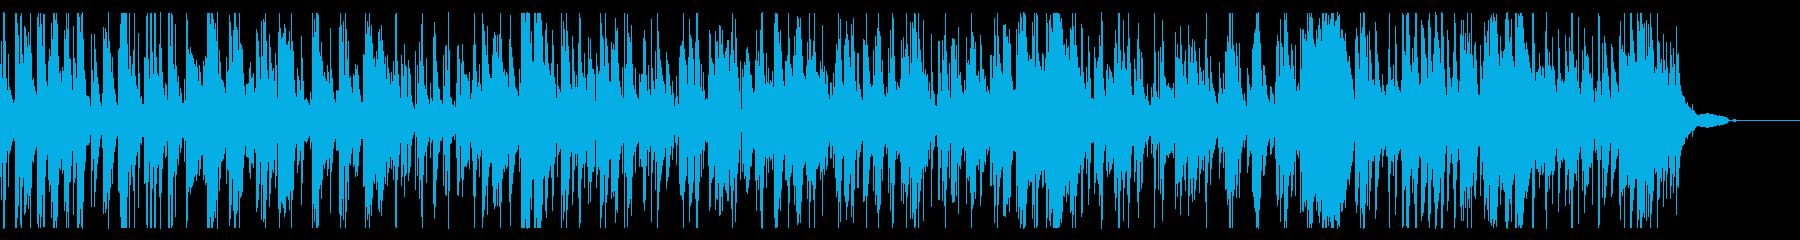 ラウンジのお洒落でムーディーなジャズの再生済みの波形